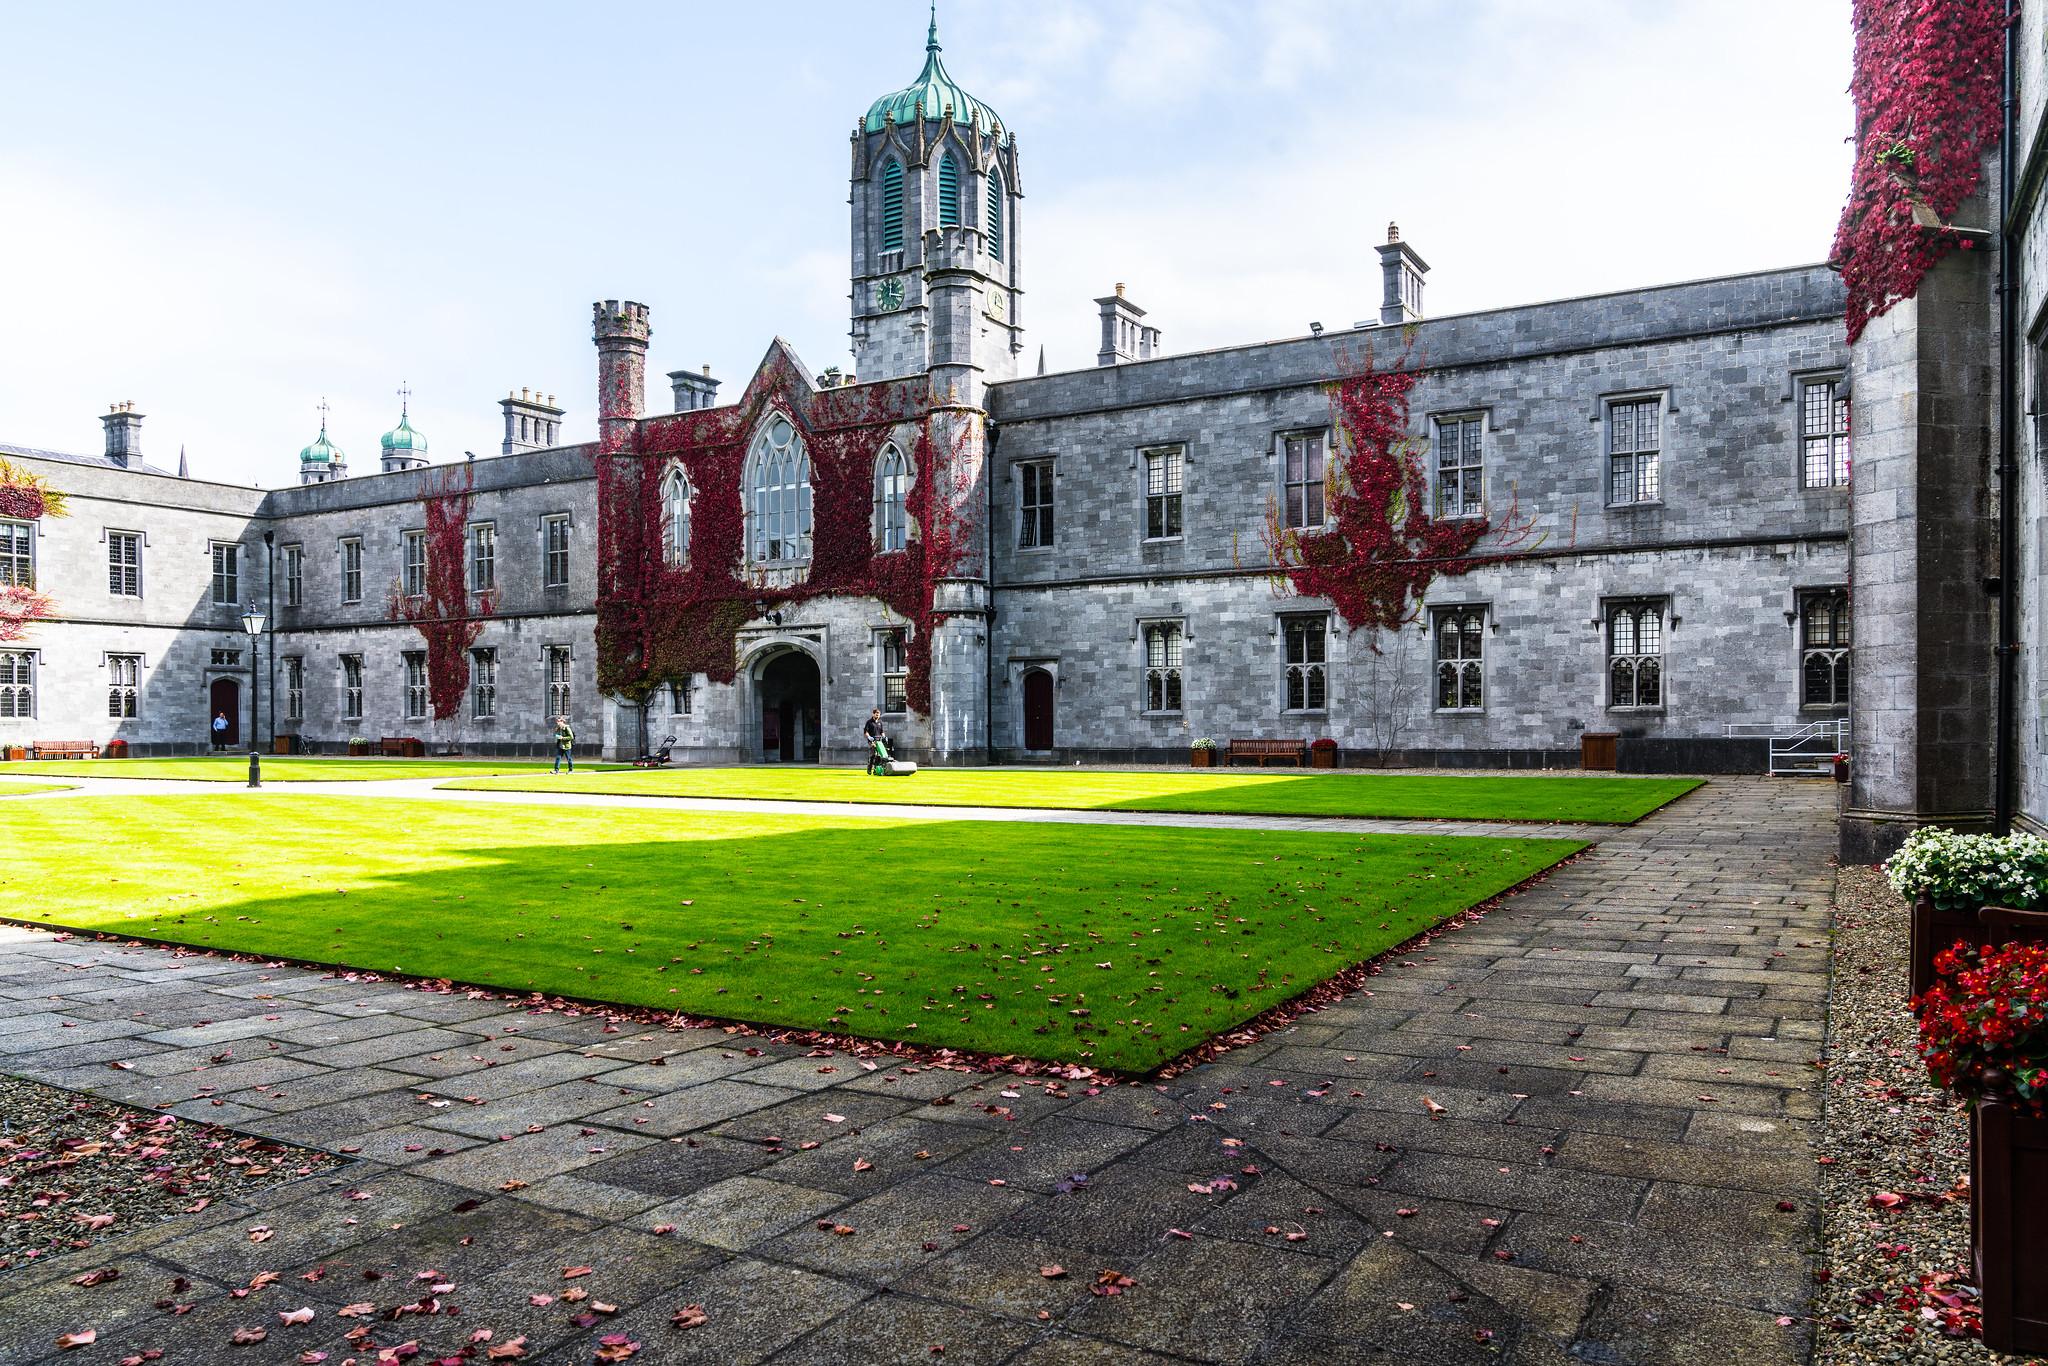 Melhores universidades da Irlanda: top 4 2